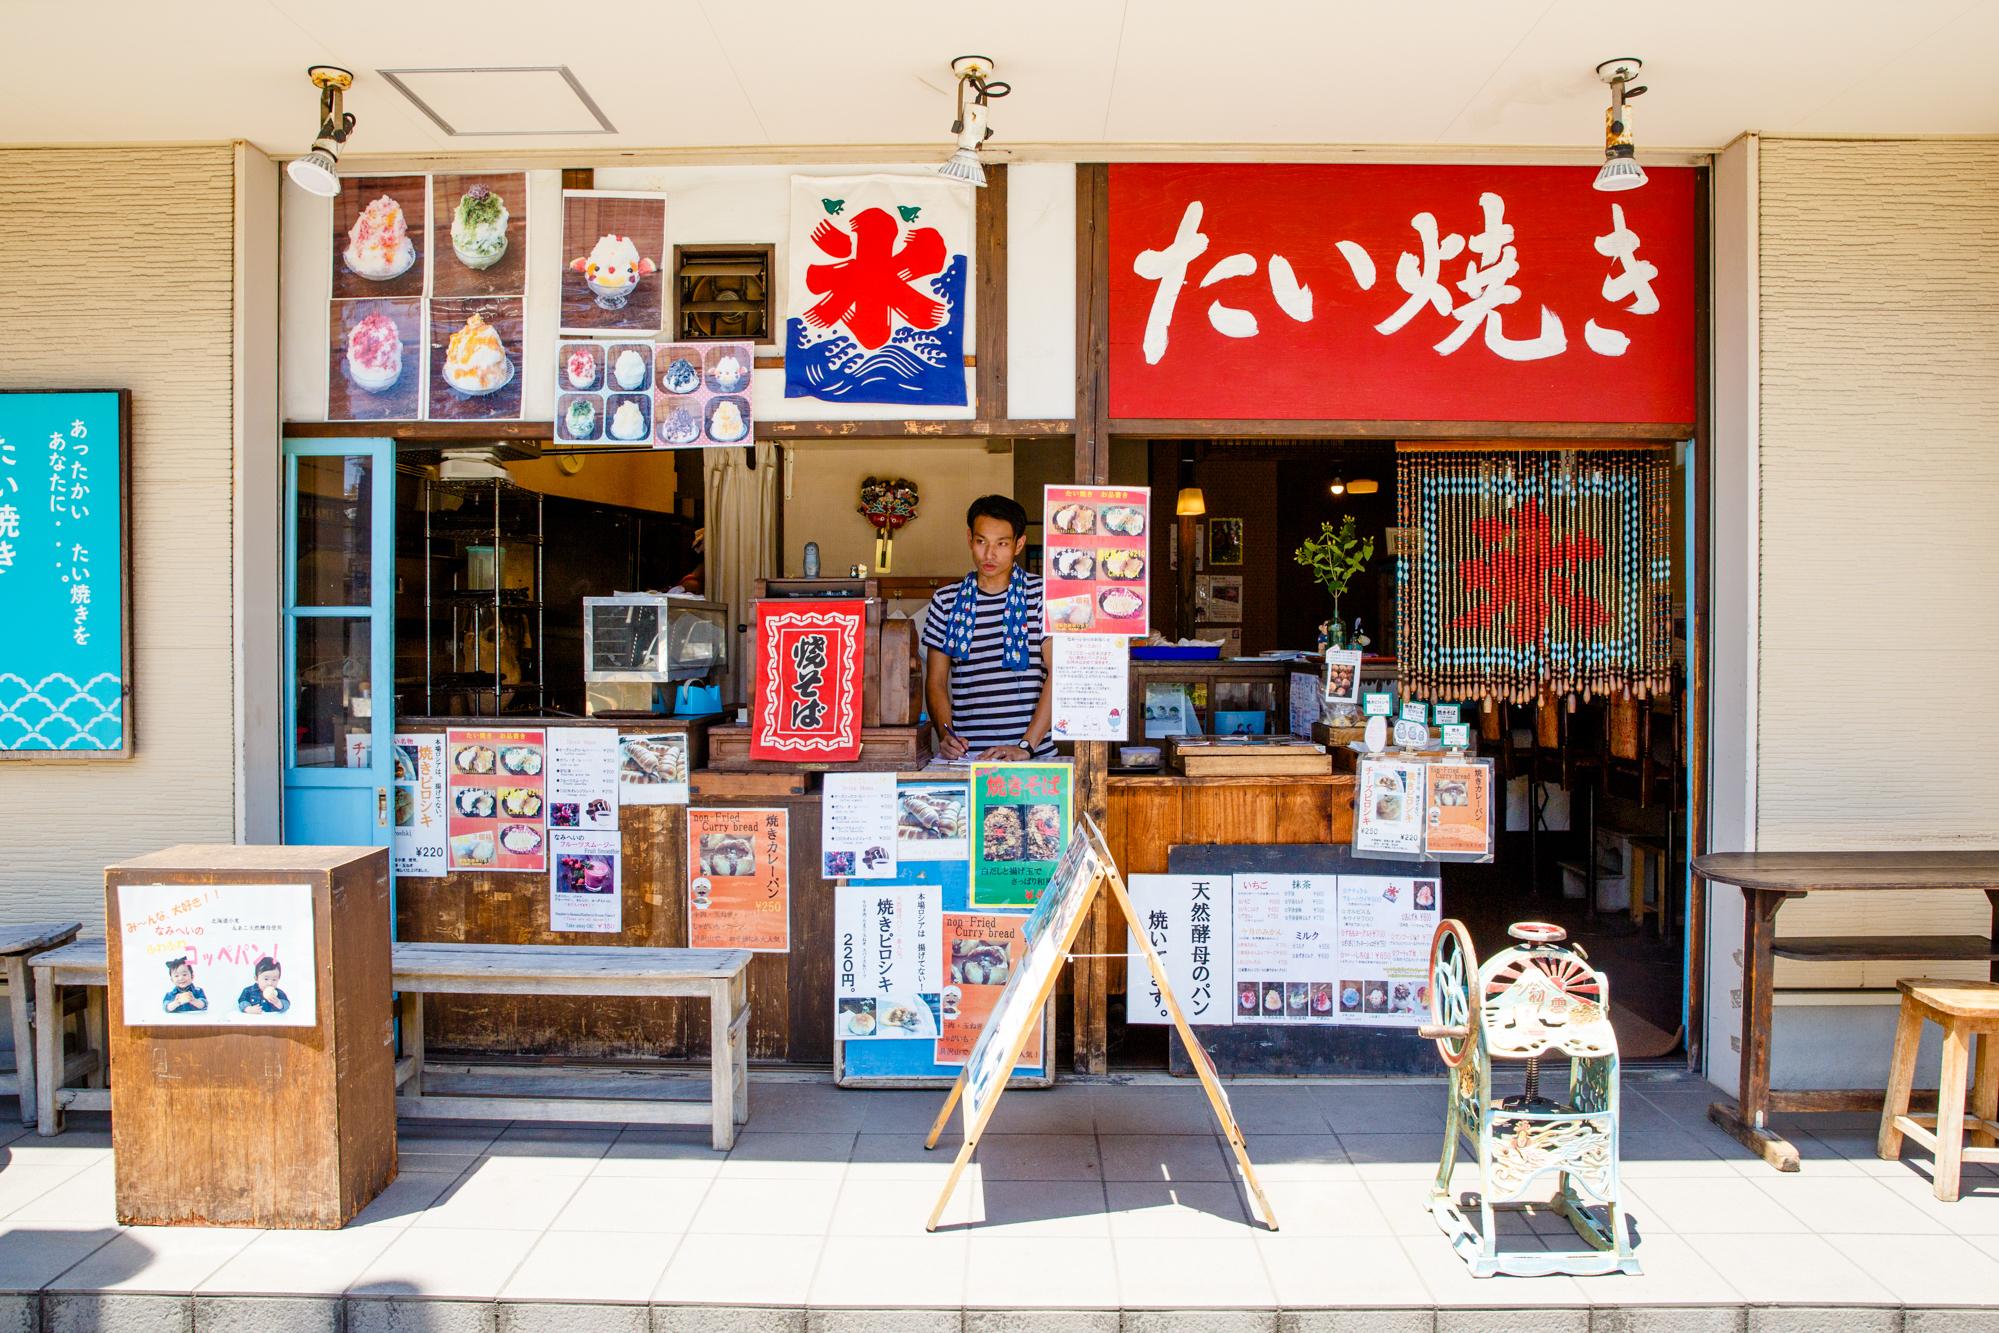 鎌倉、ご近所ガイド